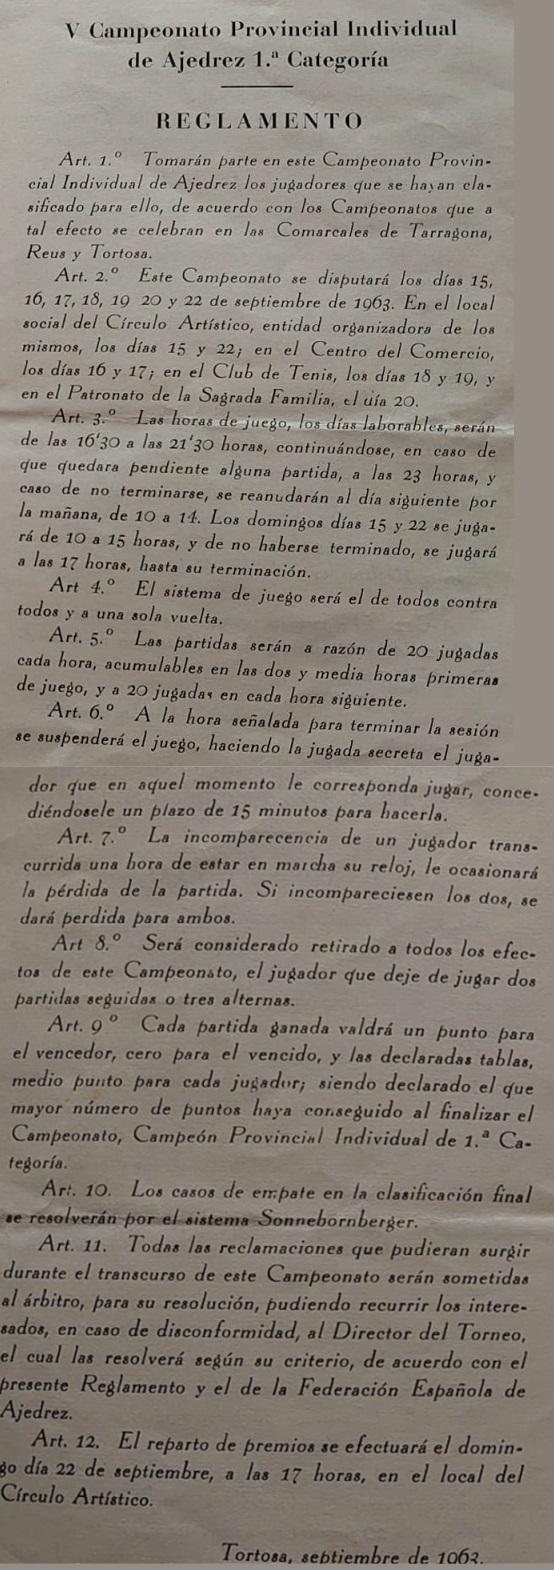 Reglamento del V Campeonato Provincial de Tarragona-1963